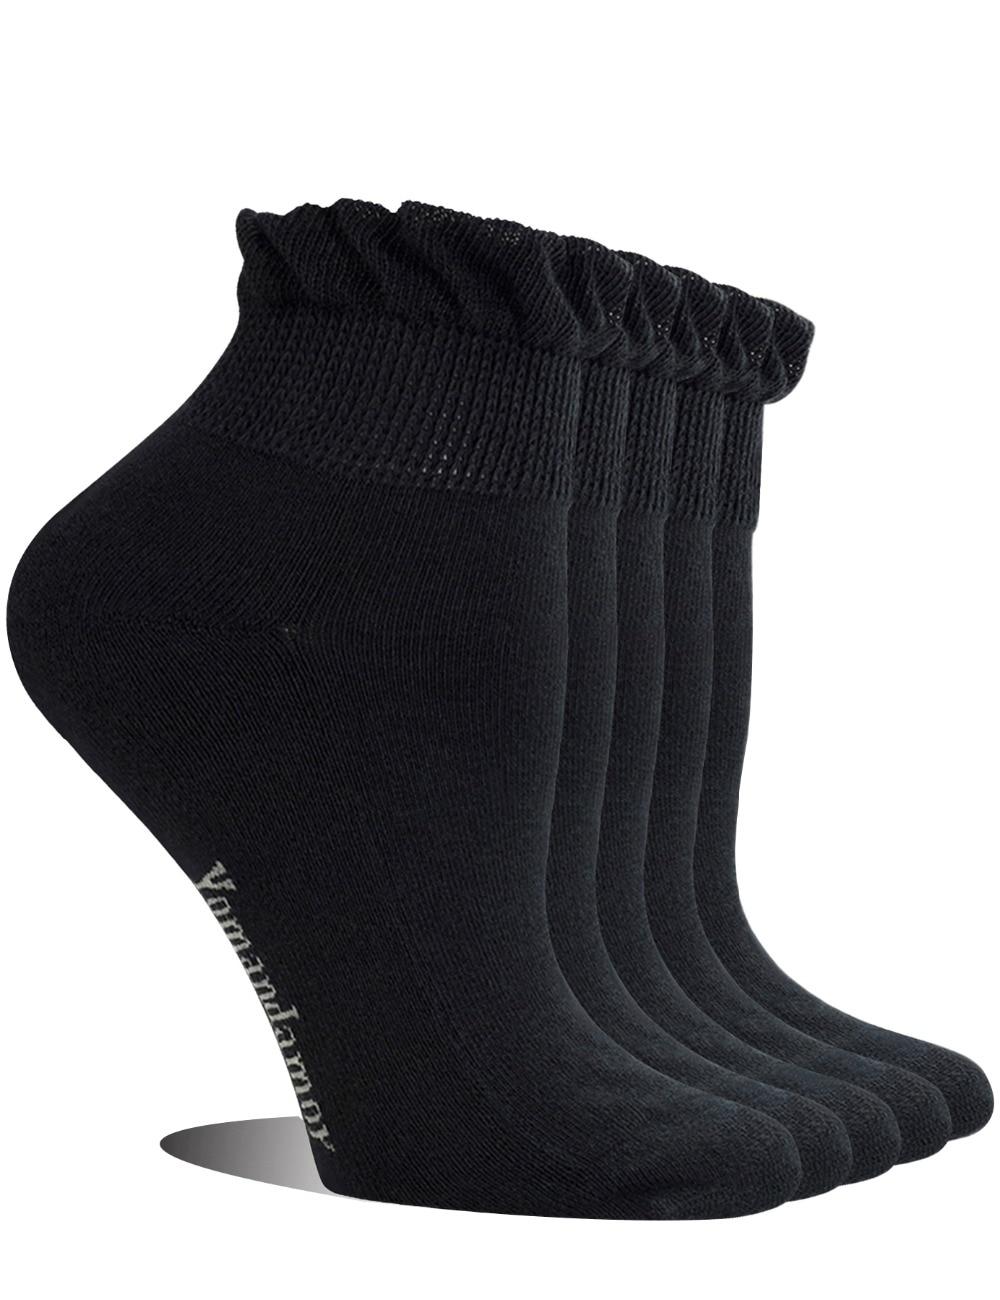 Женская обувь; 5 пар; Нескользящие; Бамбуковые; Для диабетиков; Повседневные носки с бесшовным носком